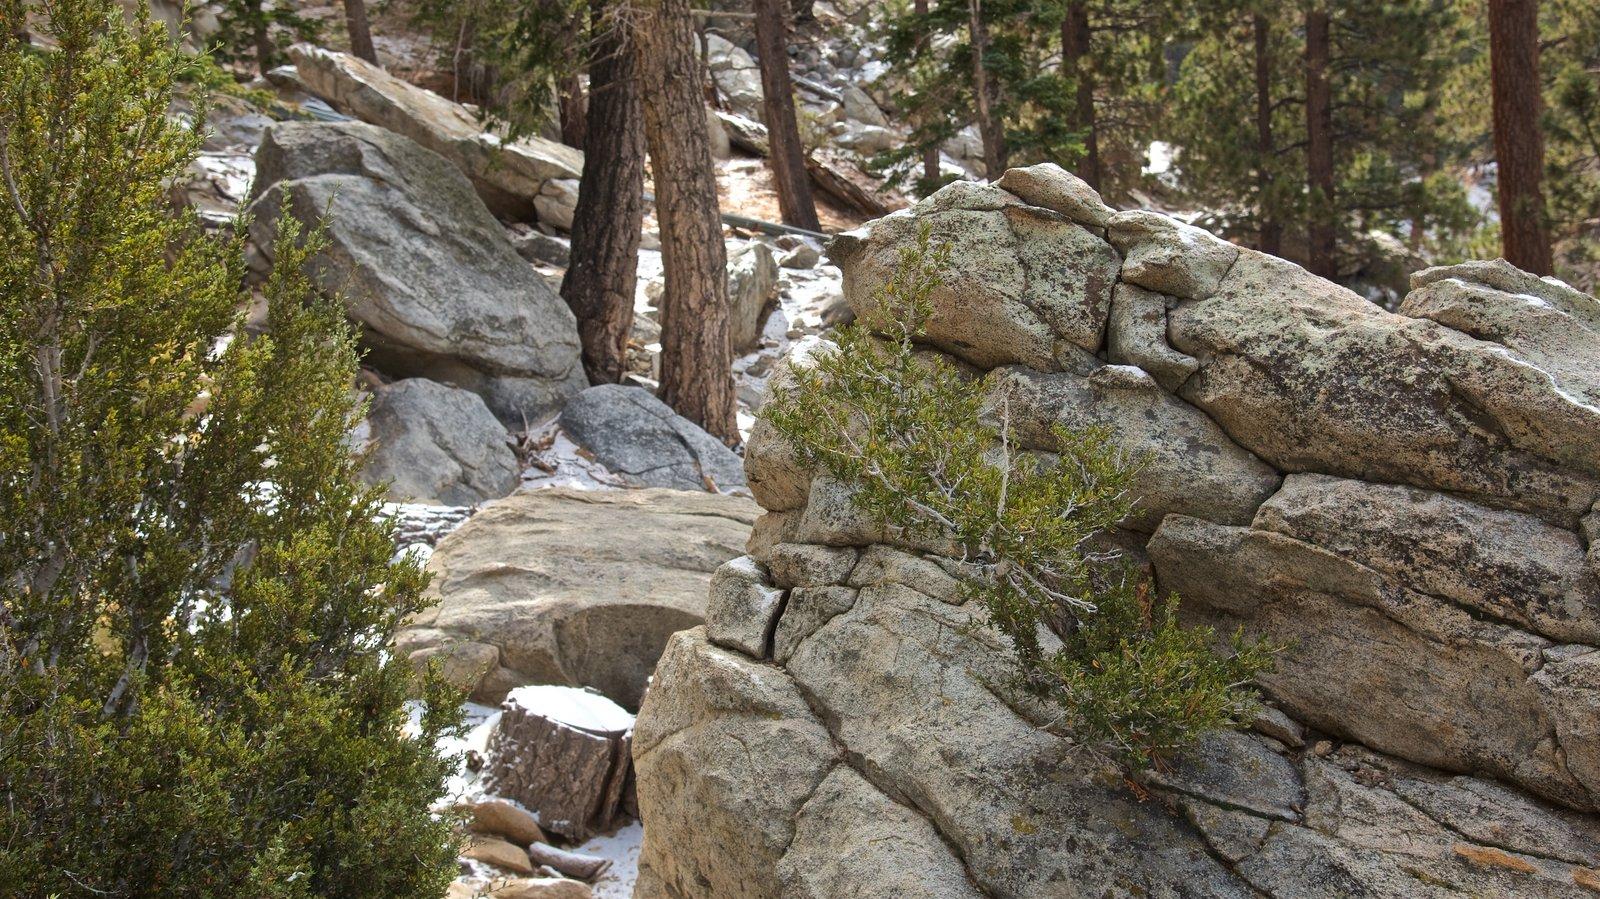 Parque estatal Mount San Jacinto mostrando escenas tranquilas y escenas forestales